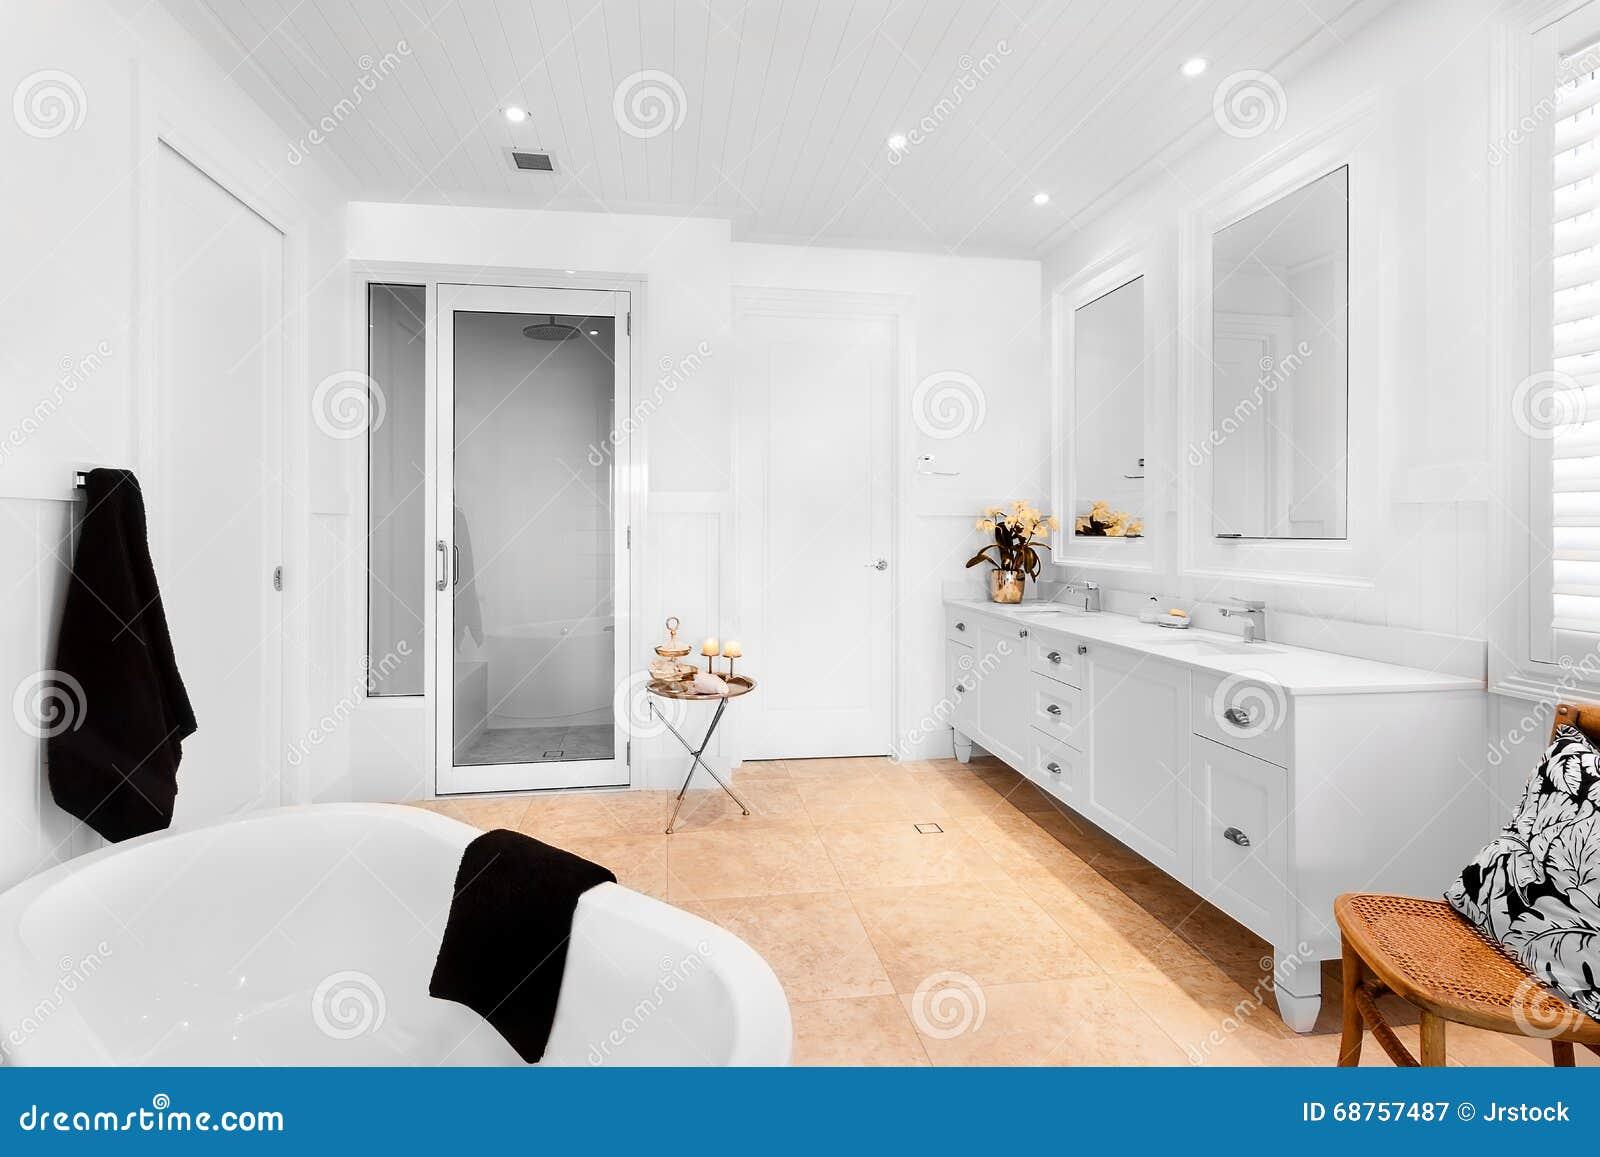 Vasca Da Casa : Bagno della casa di lusso che ha vasca da bagno vuota immagine